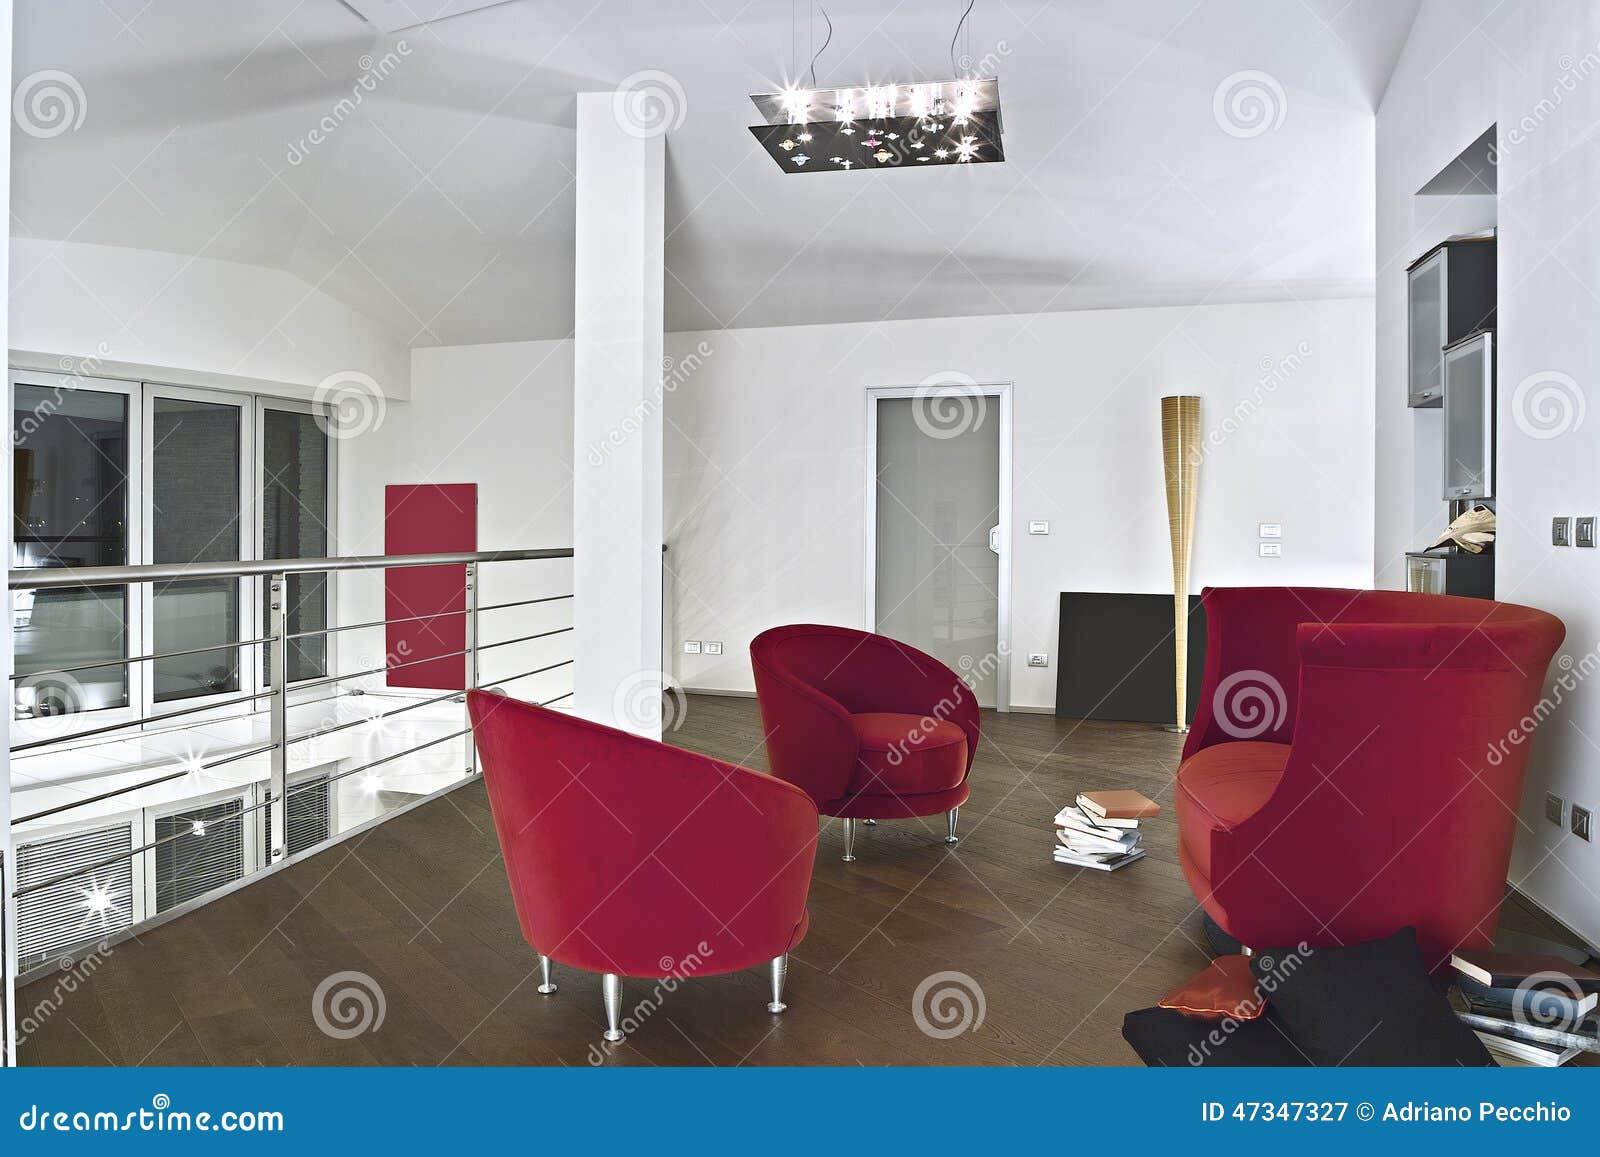 fauteuils rouges de velours dans le salon moderne - Salons Moderne En Velours